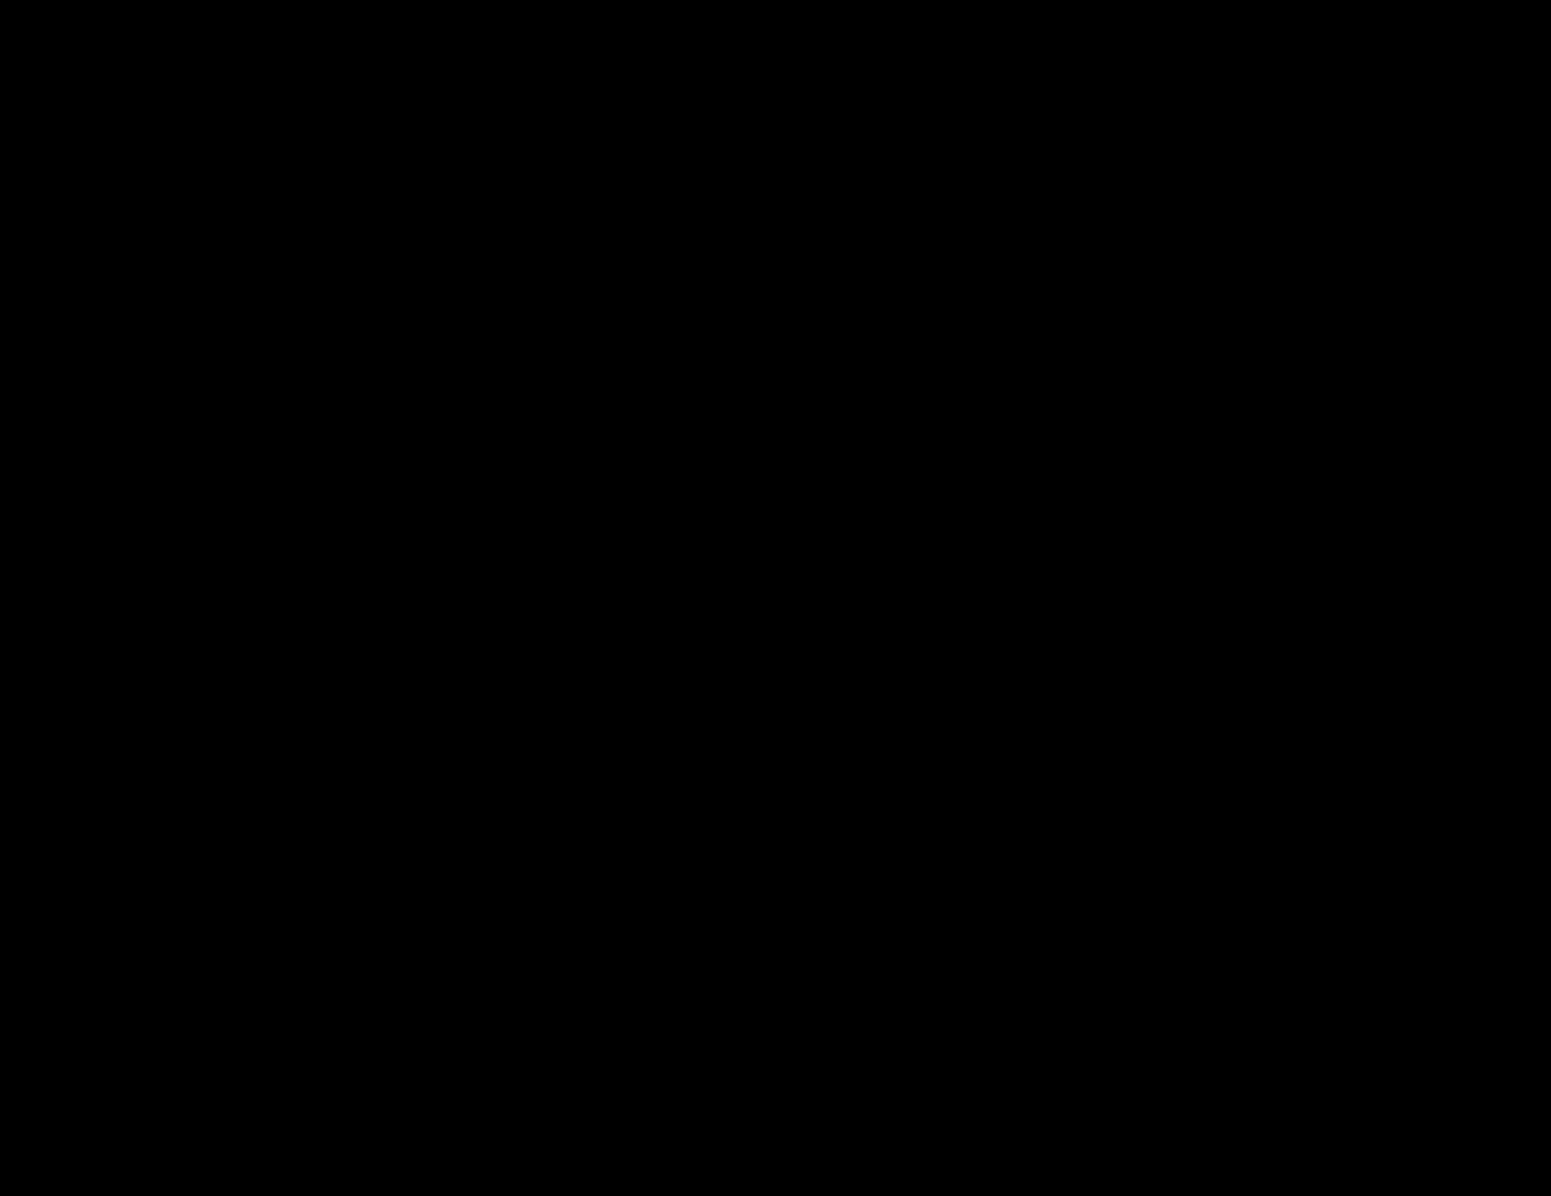 satellite-drawing-7.png